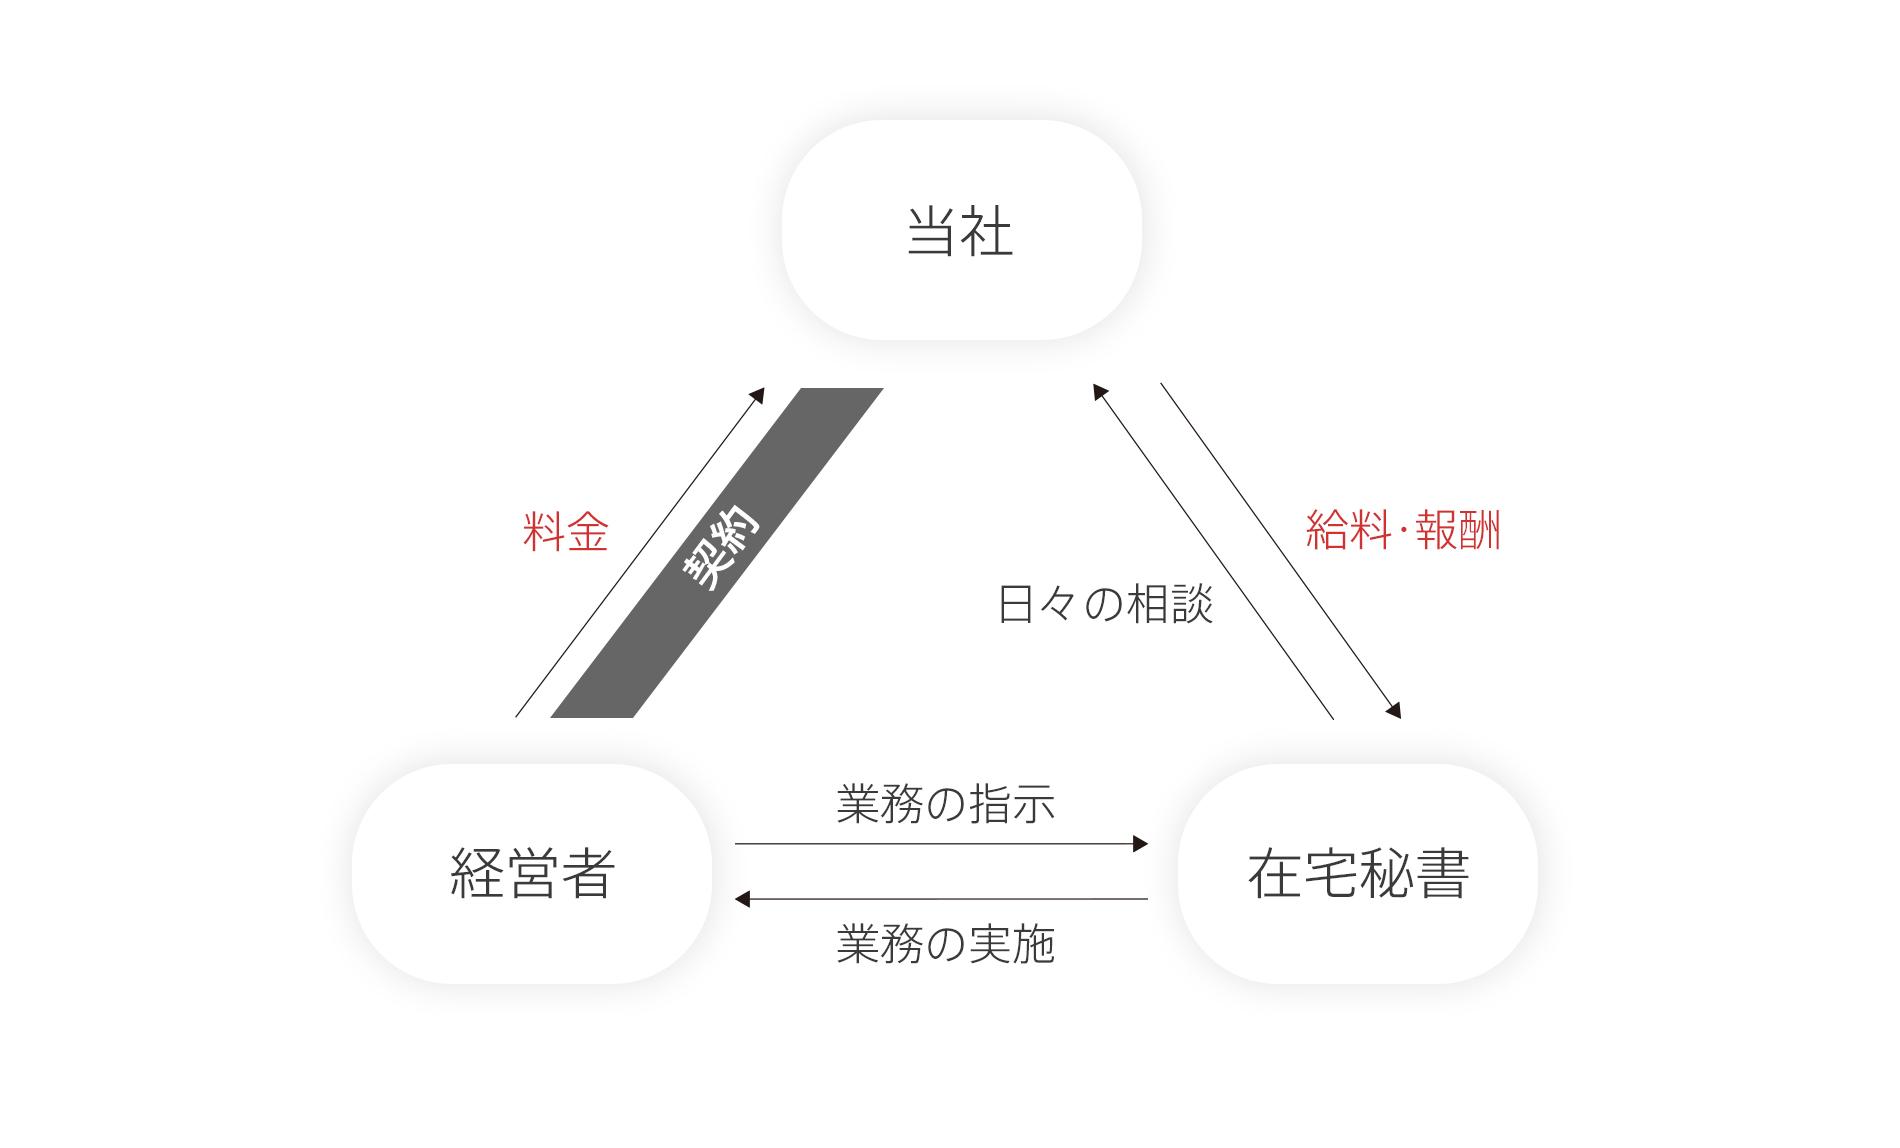 sh_shikumi